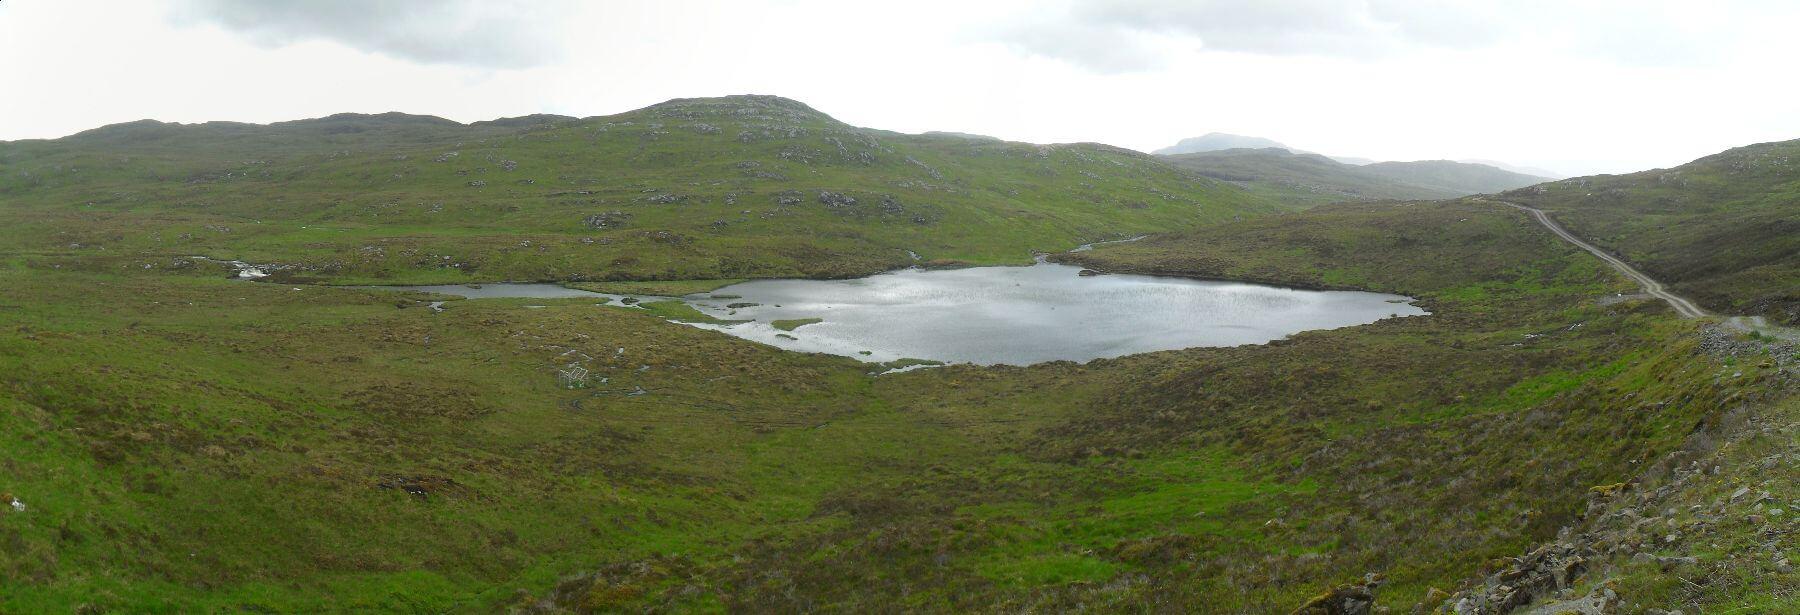 Der Weg biegt nach Westen ins Hochtal des <em>Allt Saigh</em> vorbei an einer ganzen Reihe von kleinen Lochs